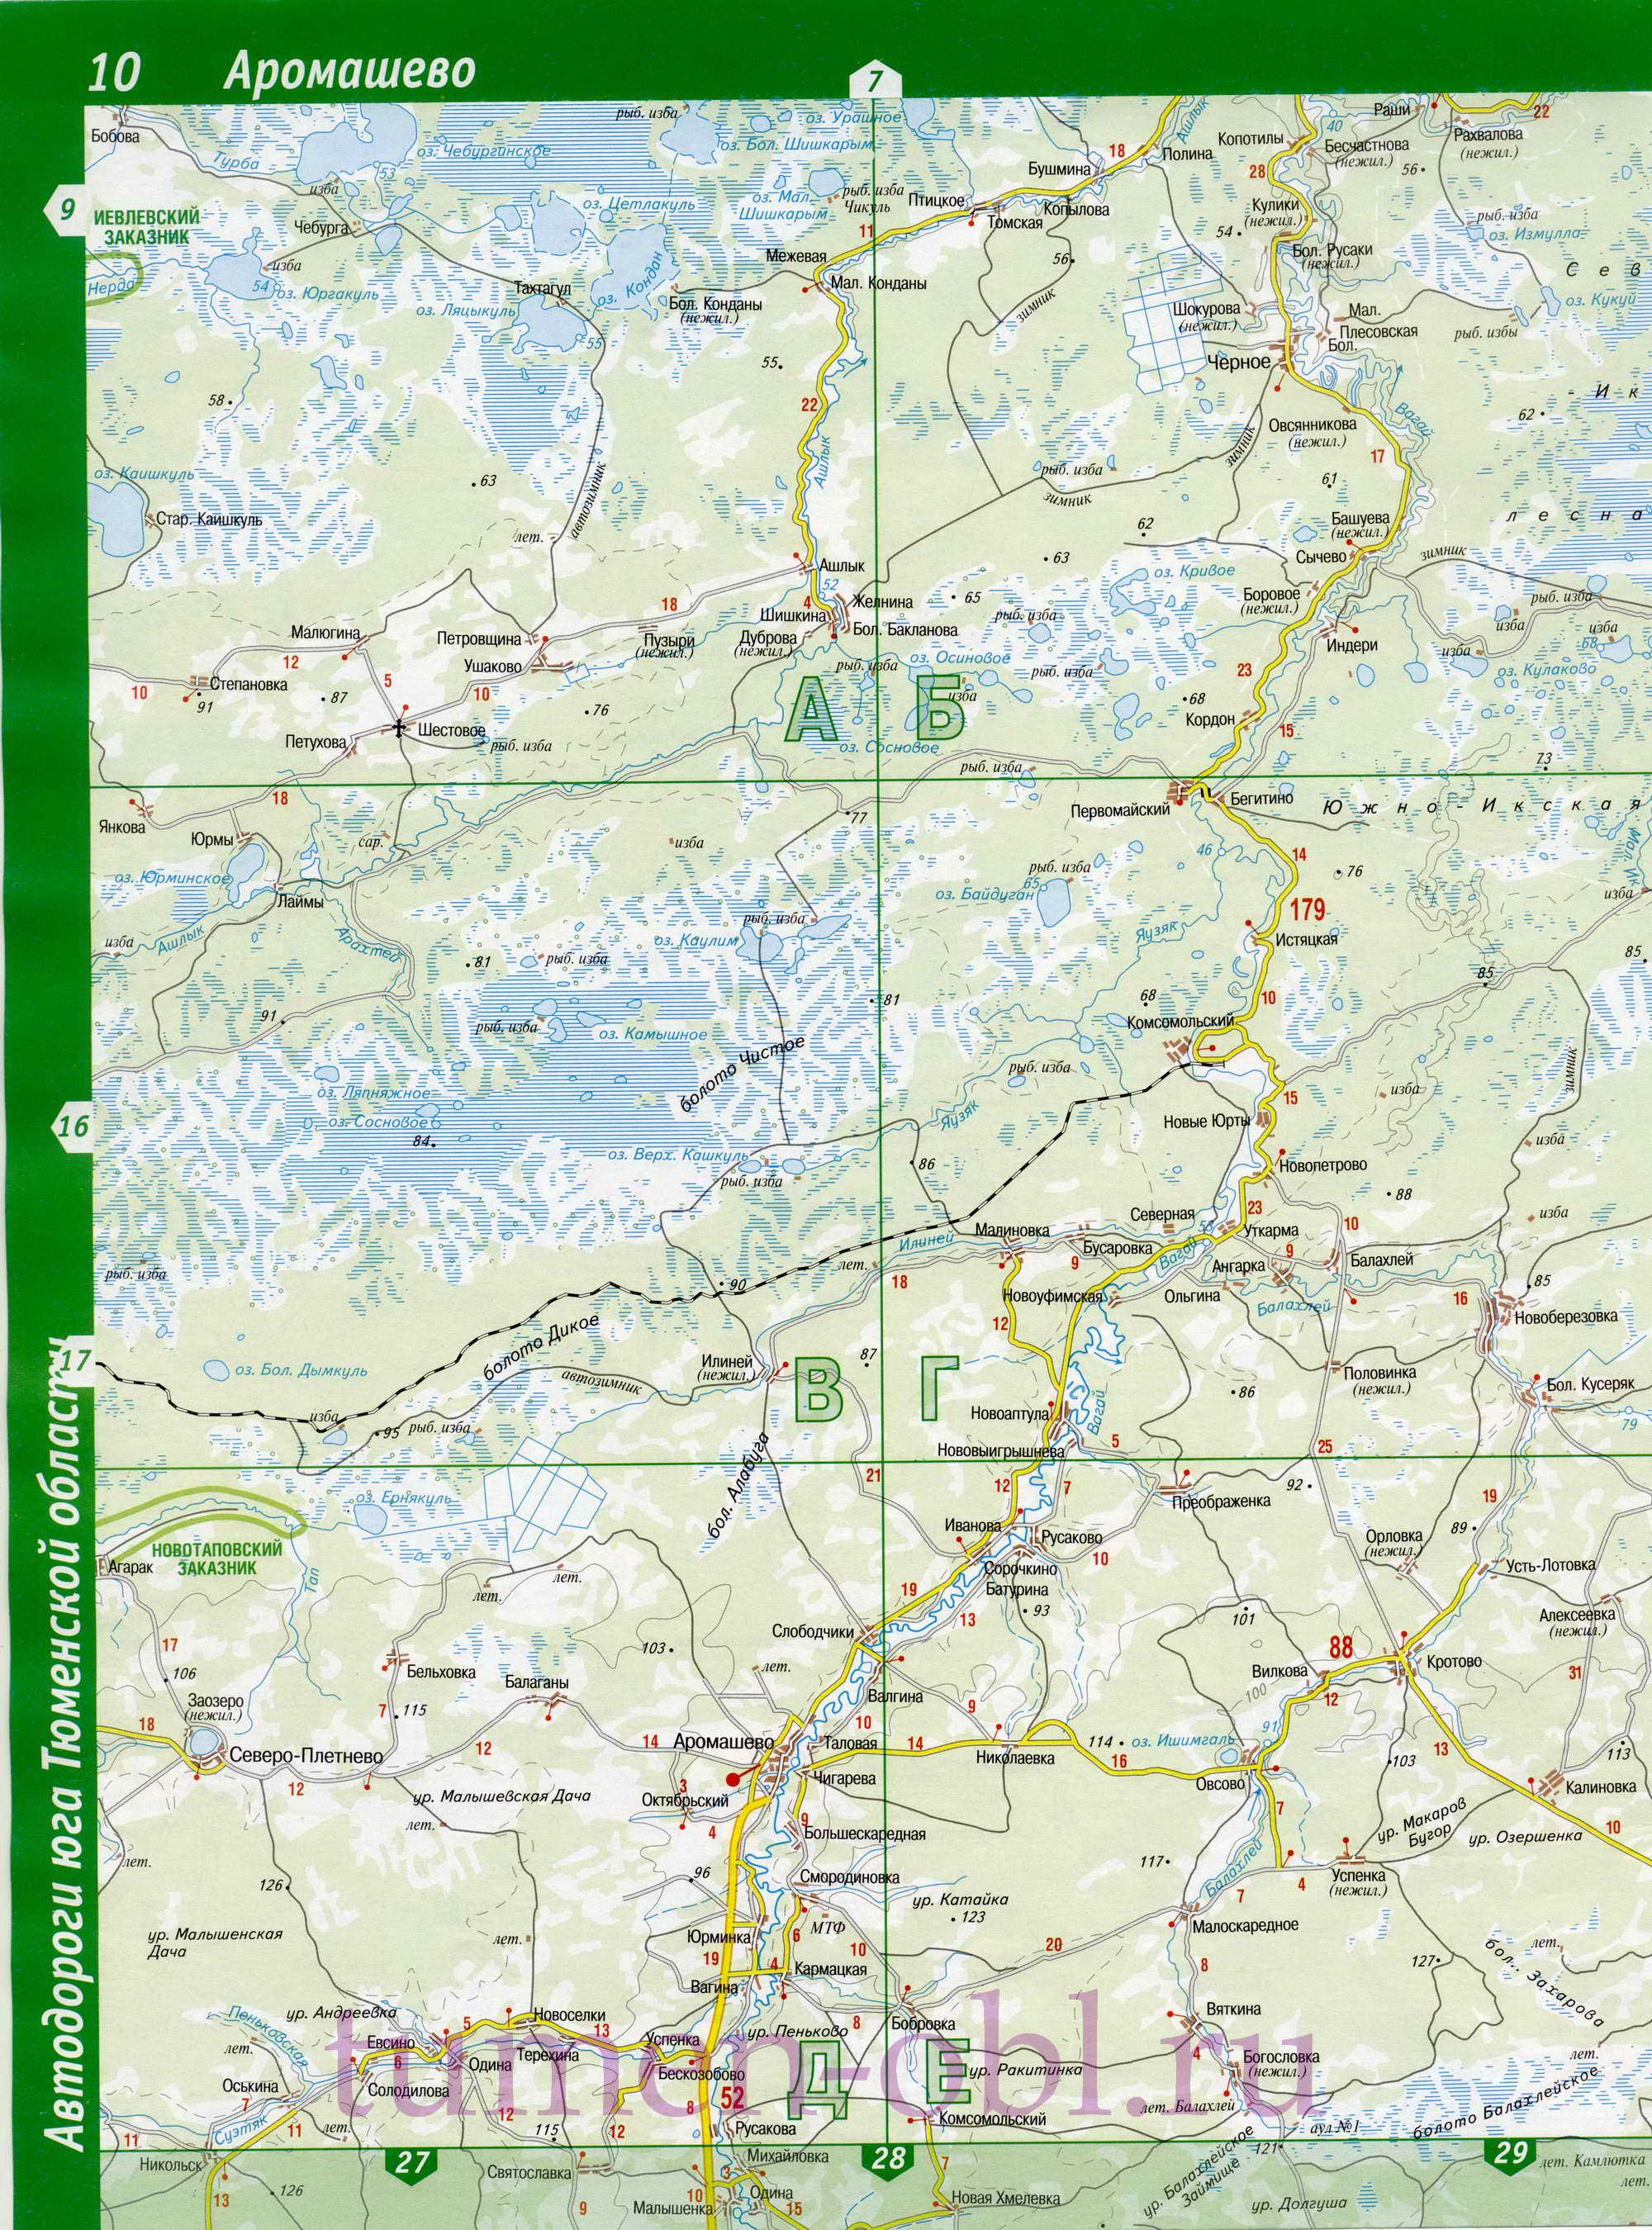 Карта аромашевского района. подробная карта дорог - аромашев.